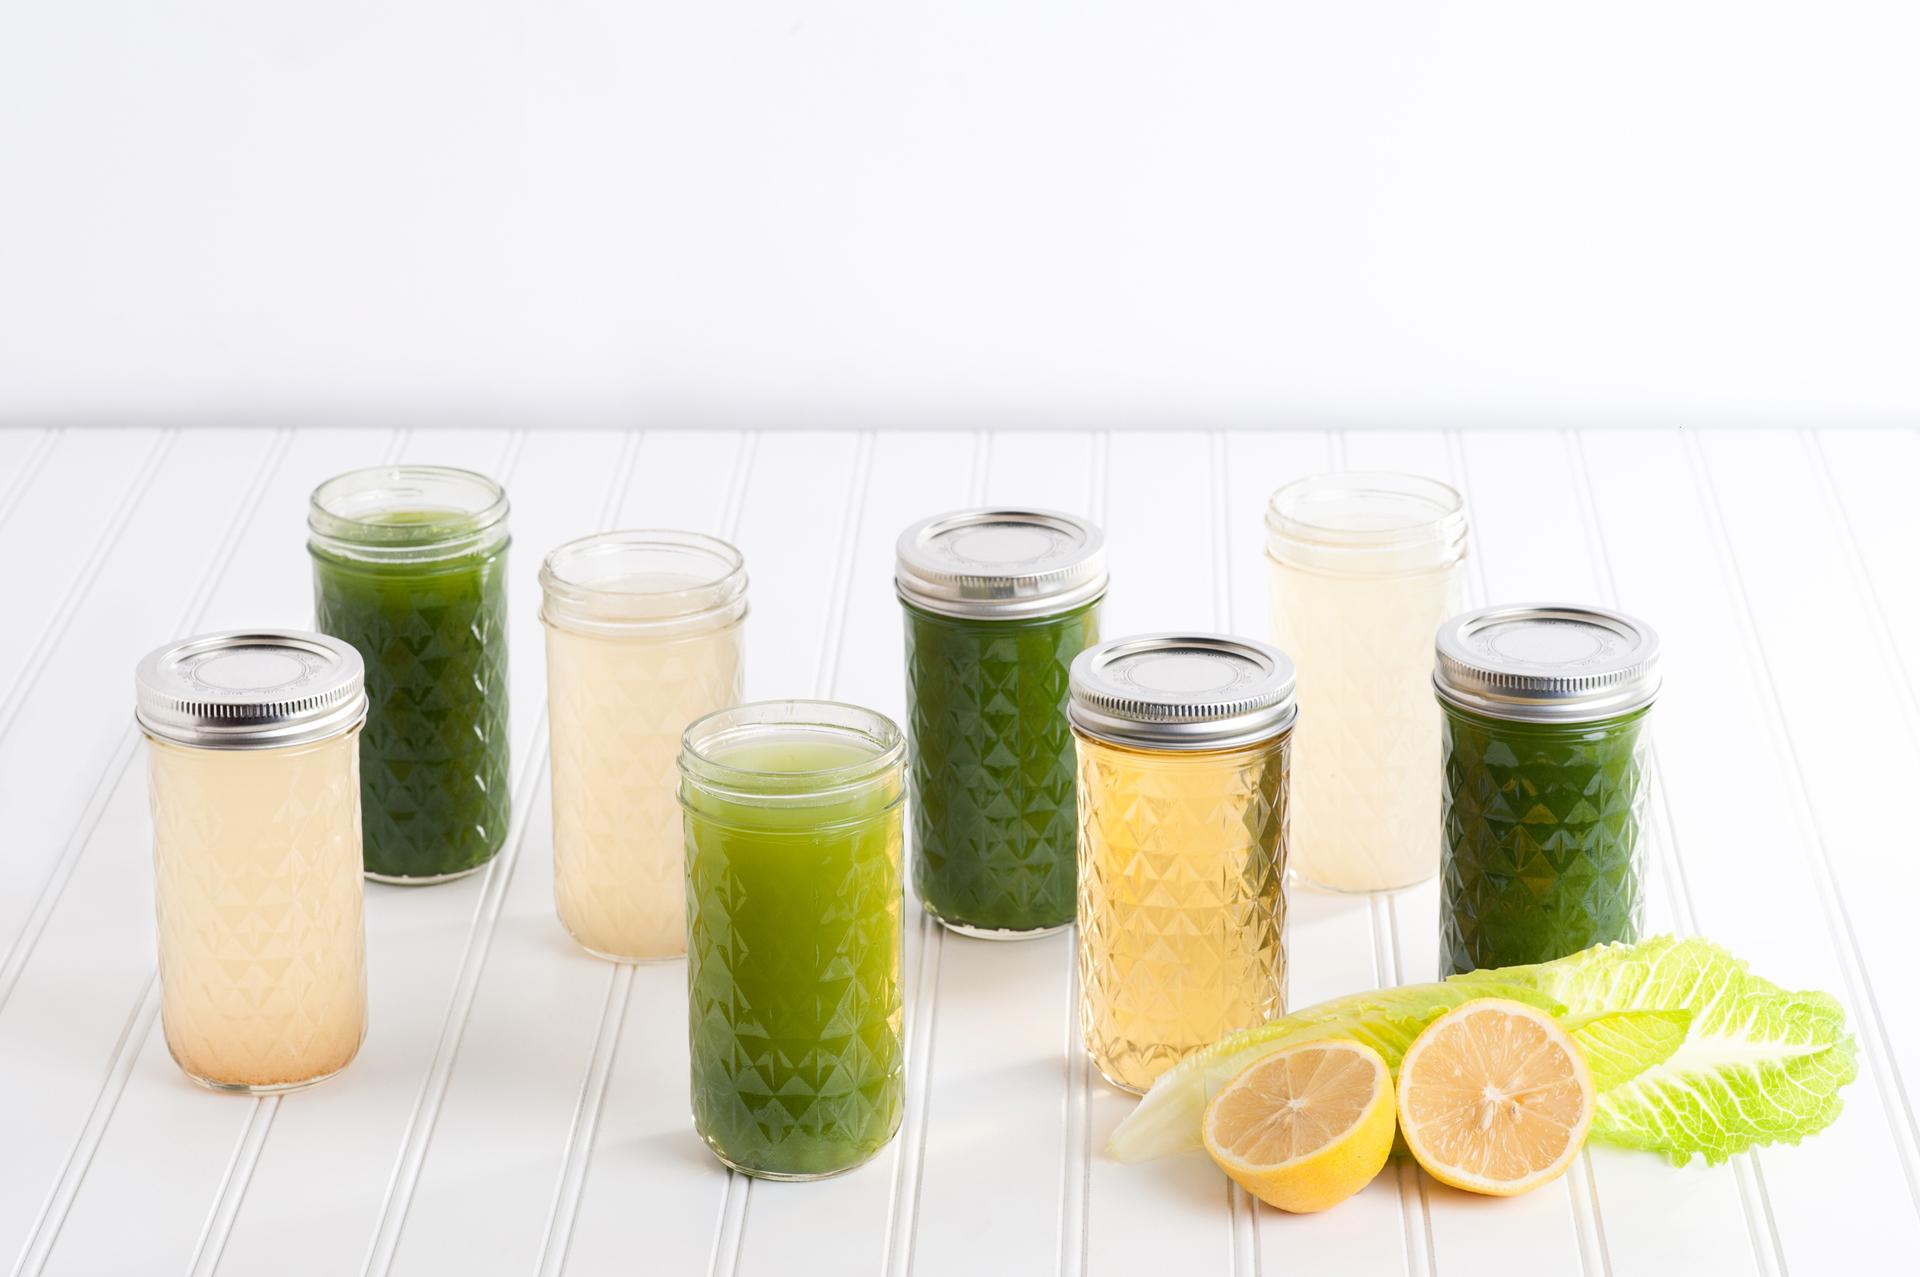 Juice cleanse basics